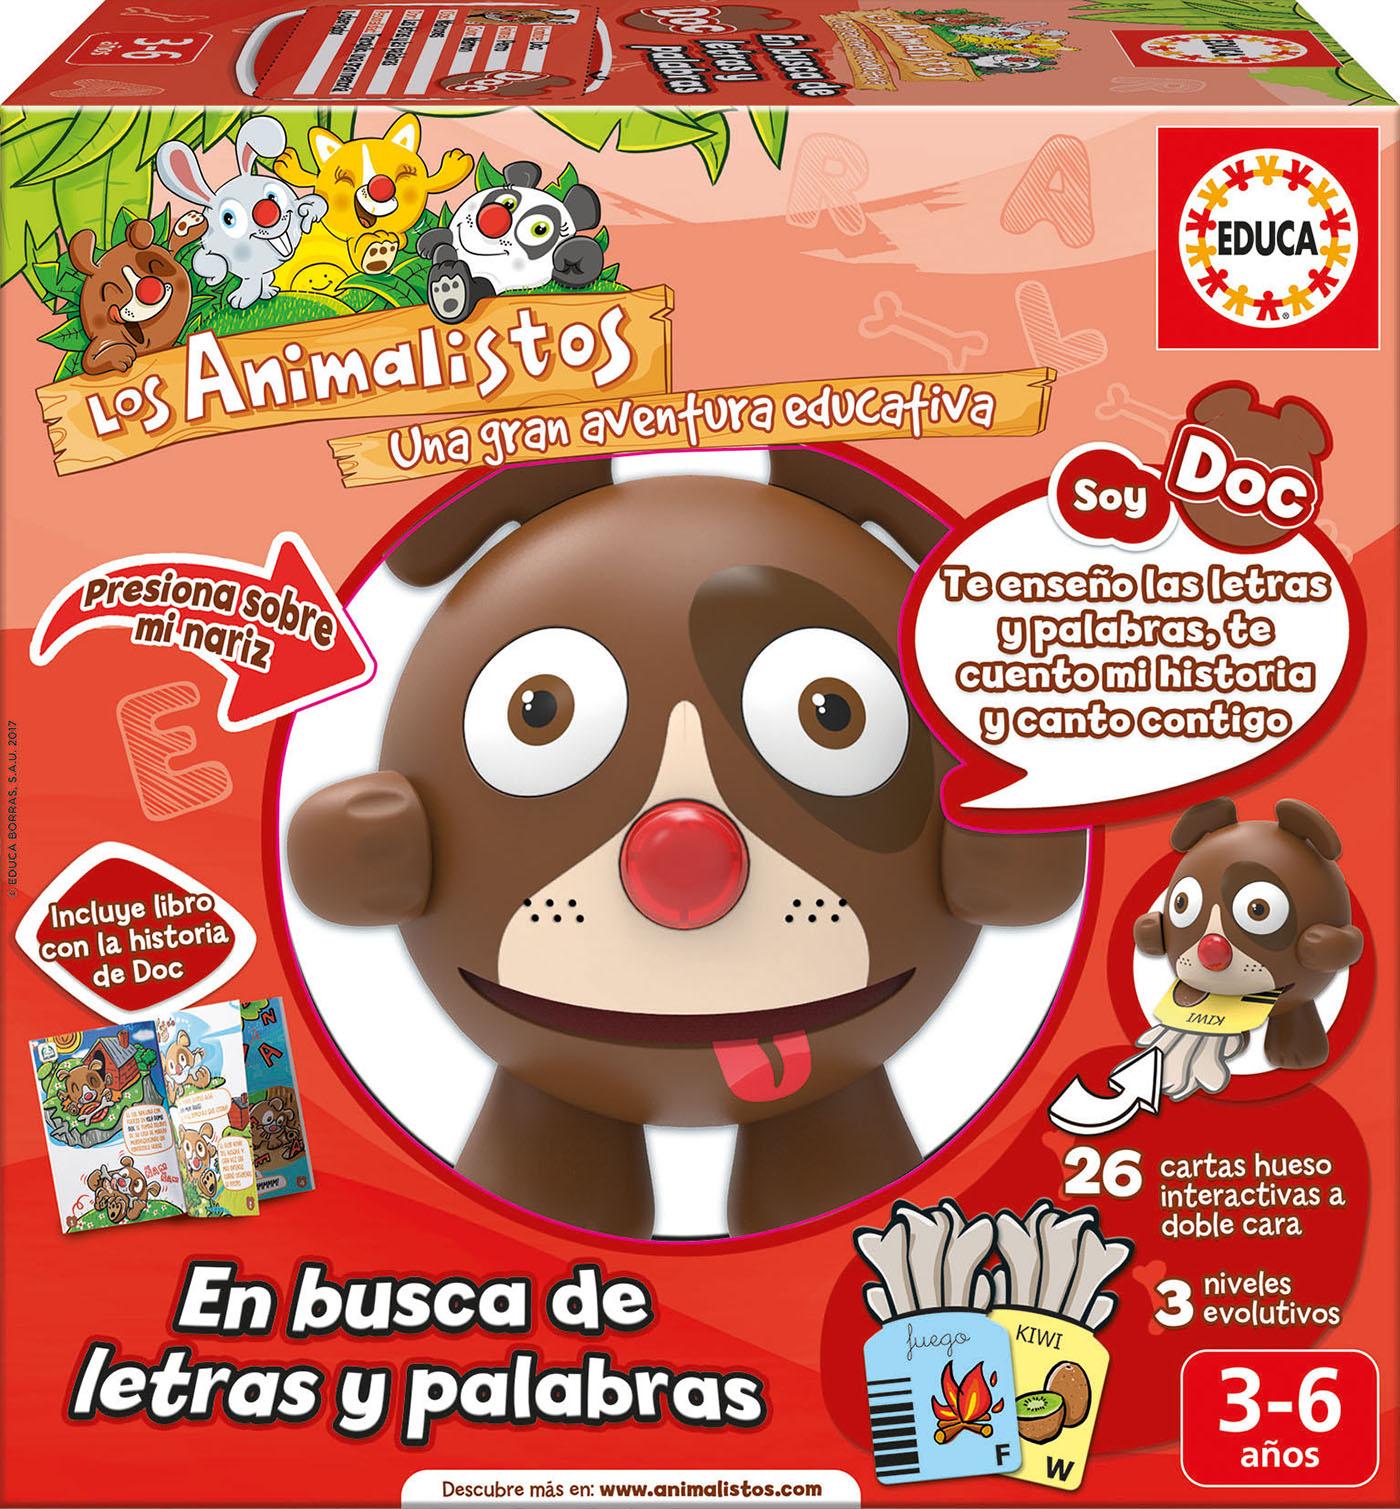 Los Animalistos, una aventura educativa 3